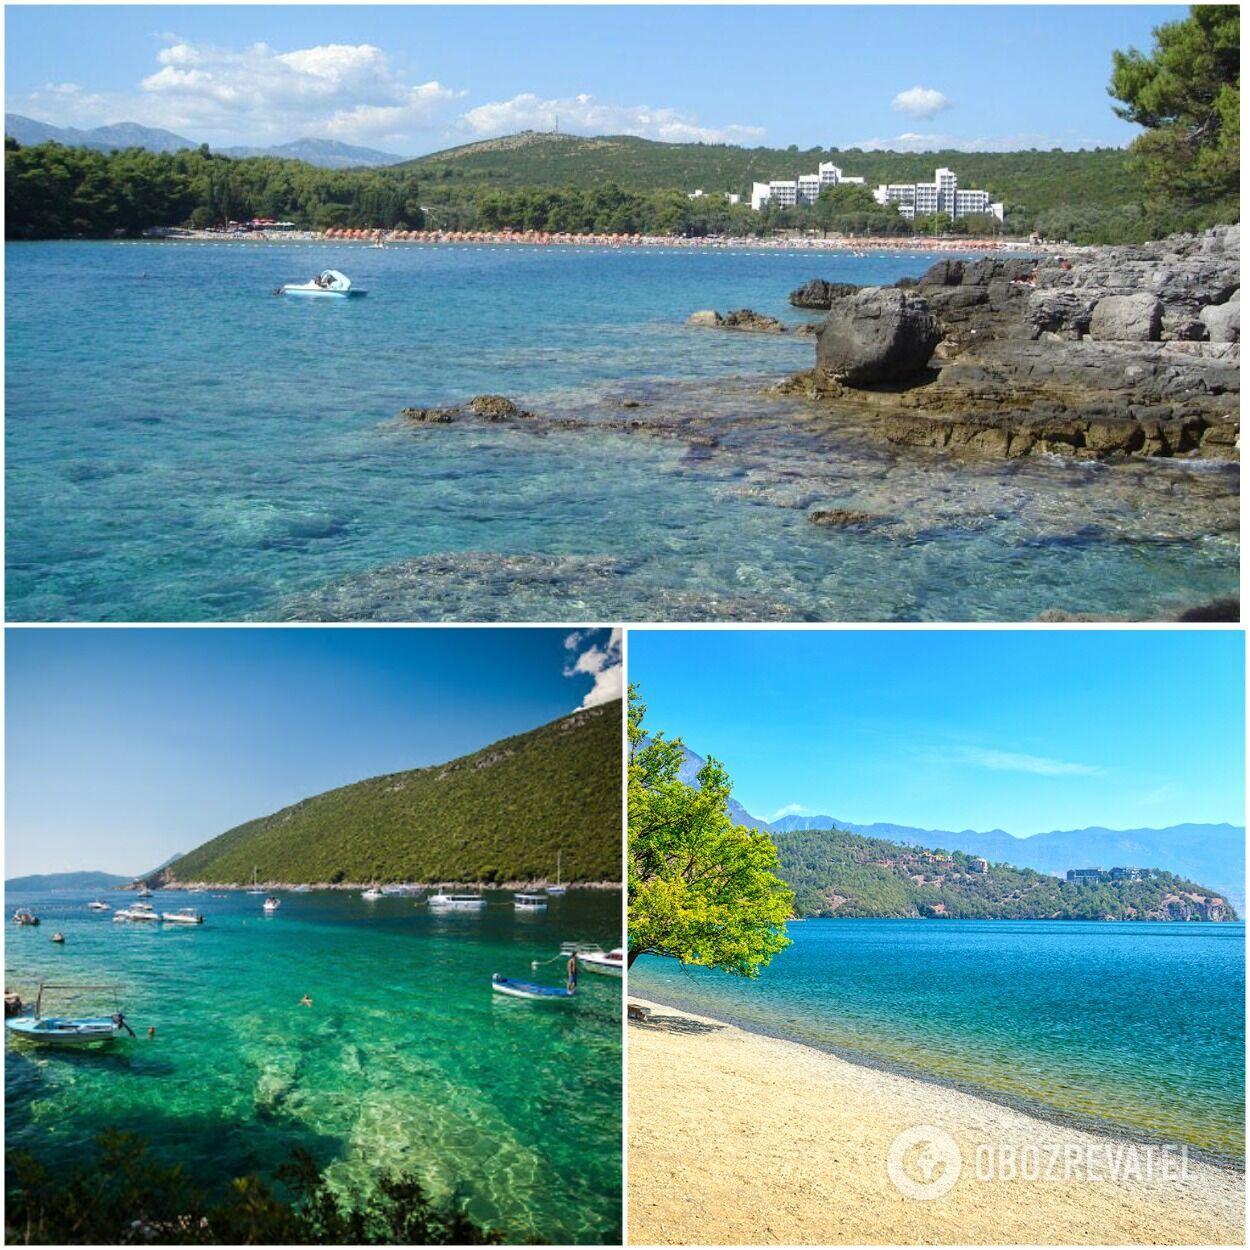 Плави Хоризонти – это пляж с мелким белоснежным песком, который скорее напоминает пляжи Таиланда или Доминиканской Республики.